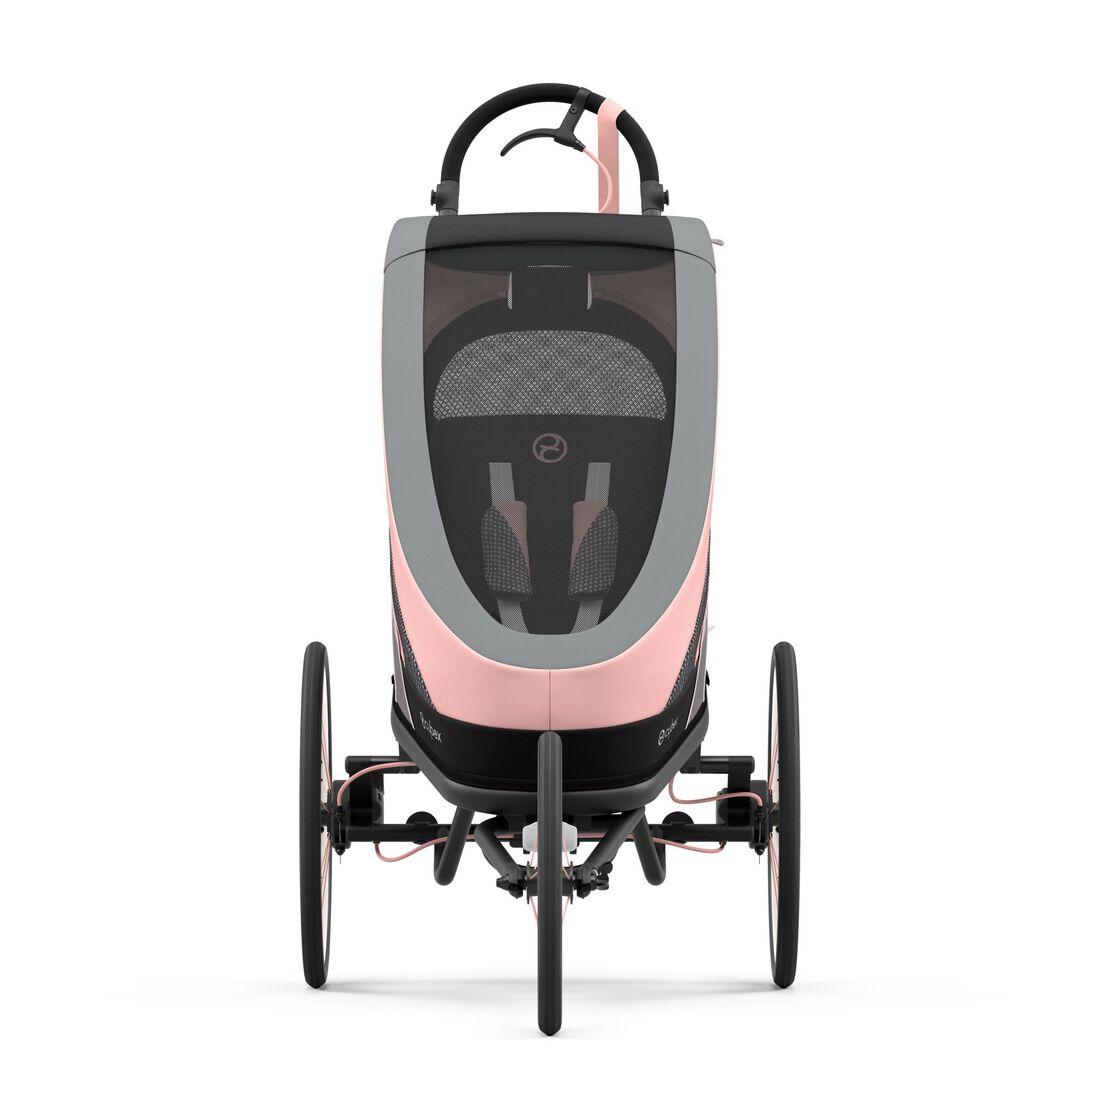 CYBEX Zeno Rahmen - Schwarz mit pinken Details in Black With Pink Details large Bild 3